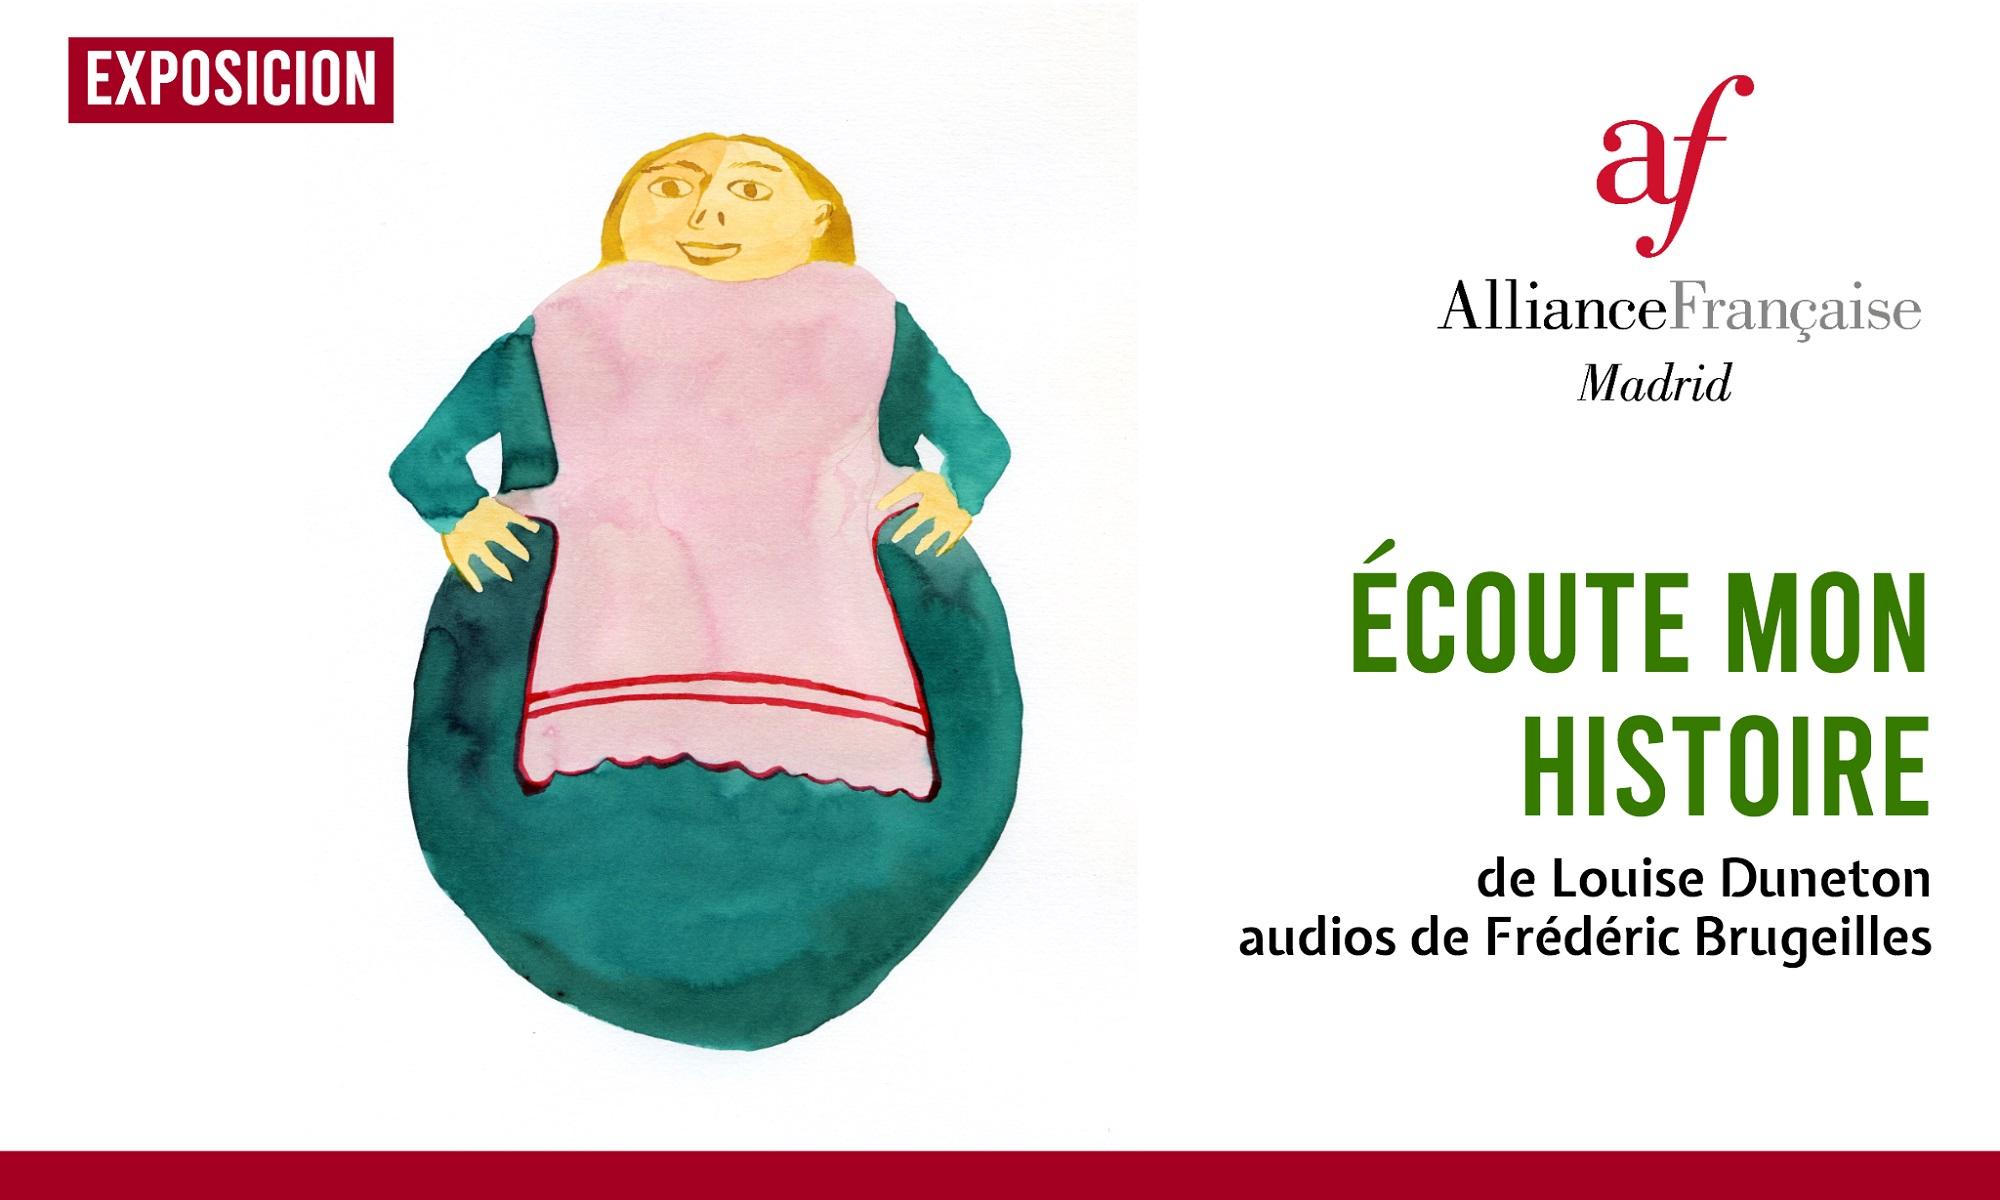 La nouvelle exposition estivale de l'Alliance Française à Madrid